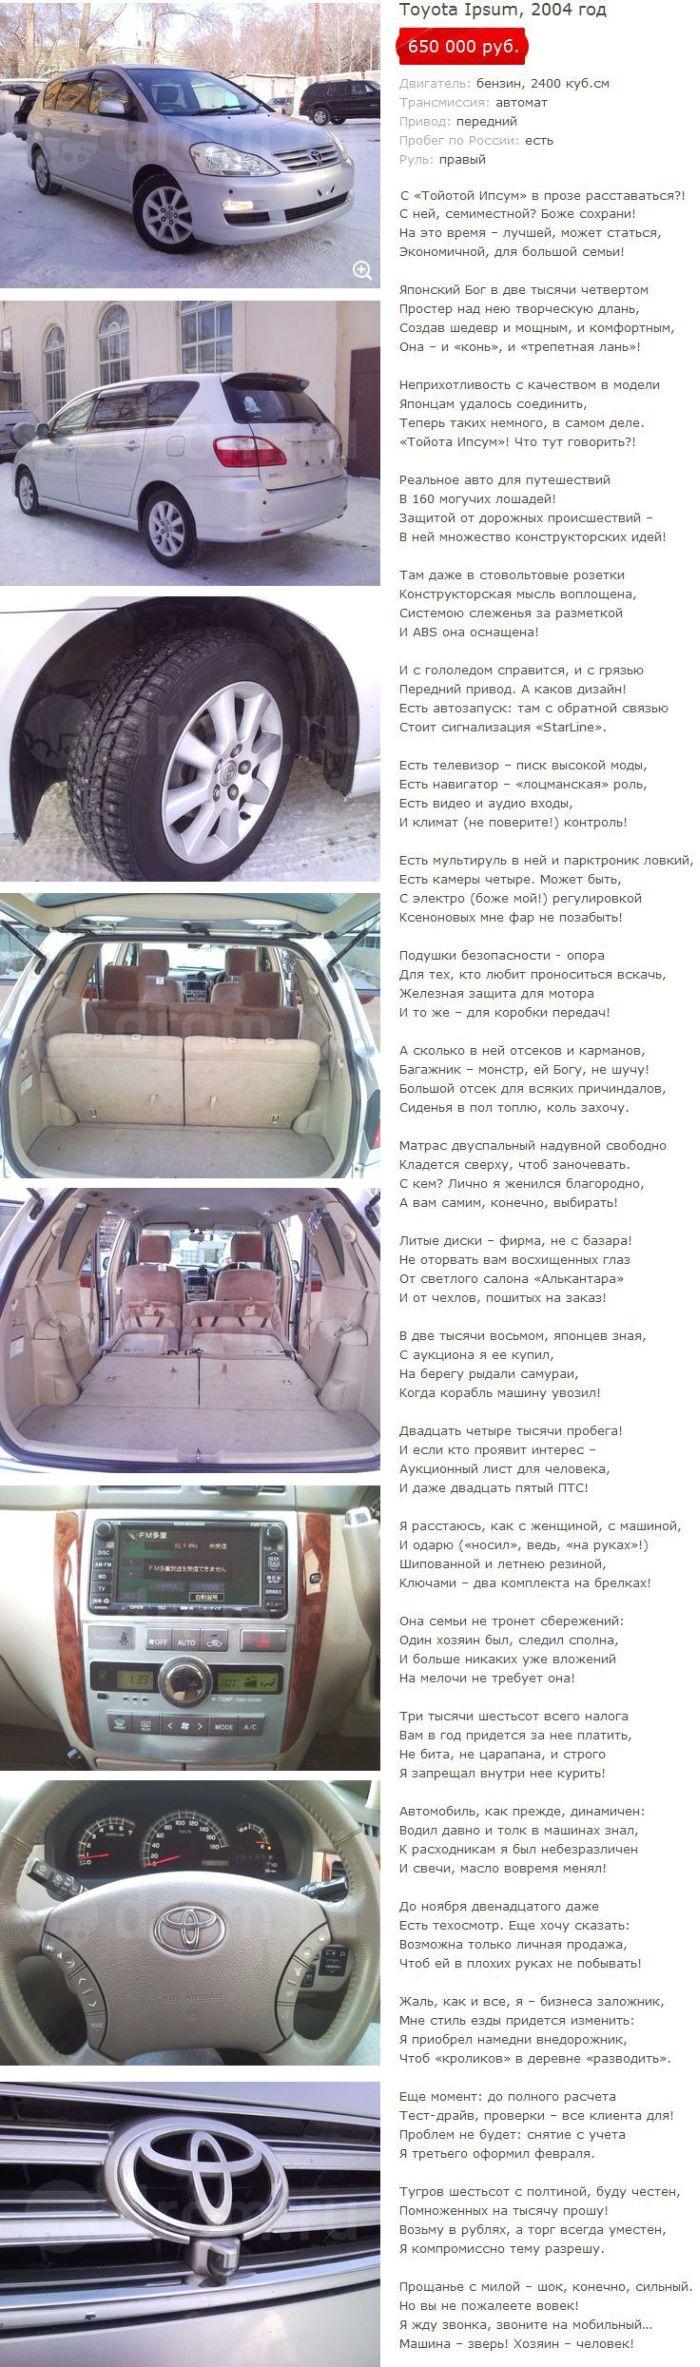 Как правильно продать автомобиль (1 скрин)